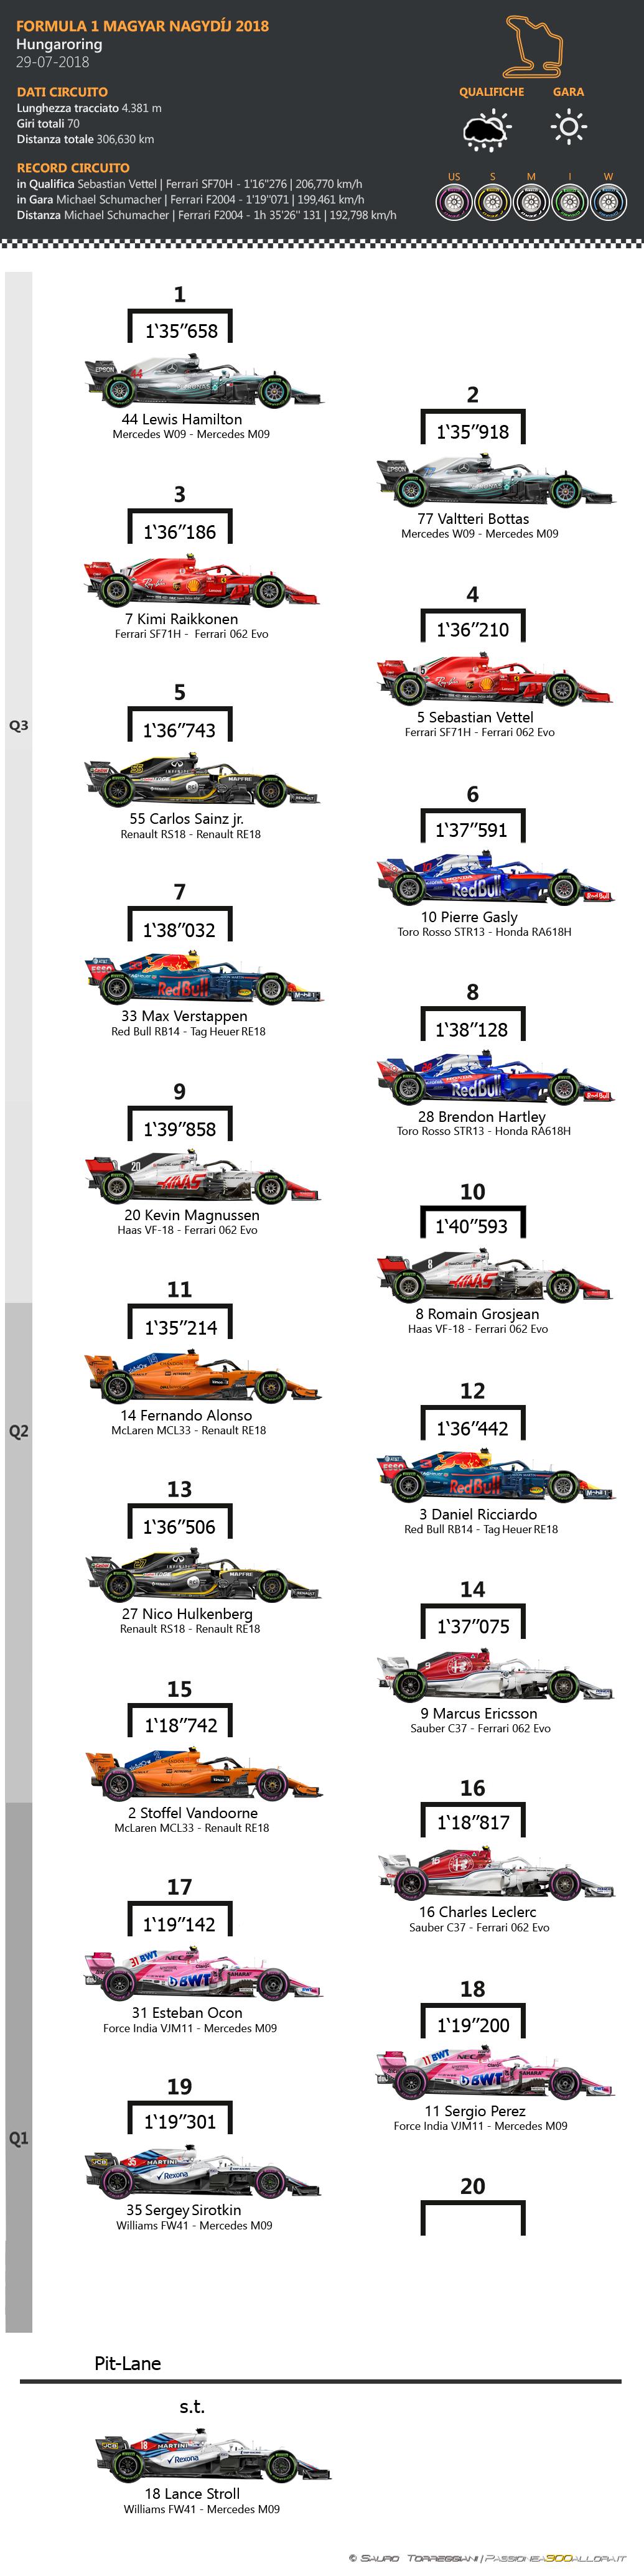 F1 | GP d'Ungheria 2018: griglia di partenza, penalità, set a disposizione 1